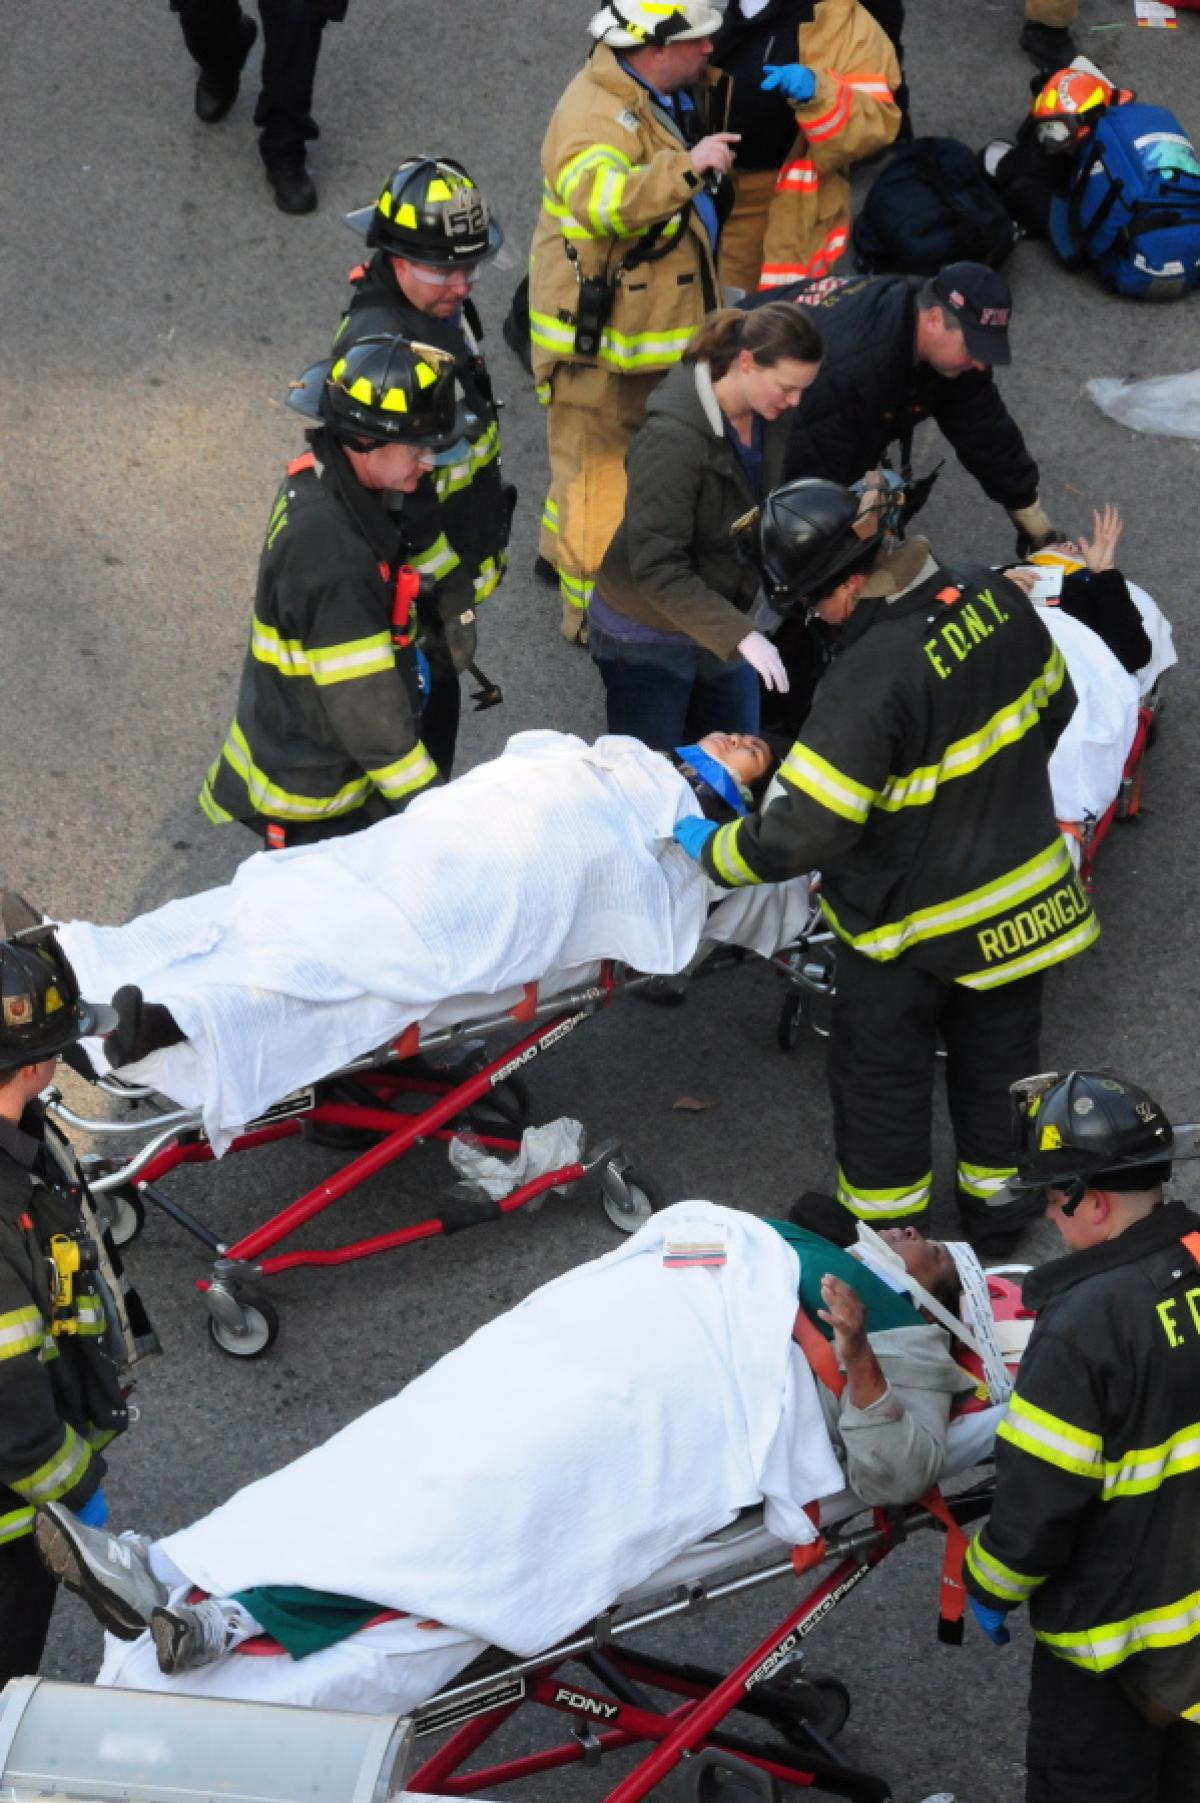 metro-north-train-derails-new-york-4-deadgsdgd-63-injured (1)